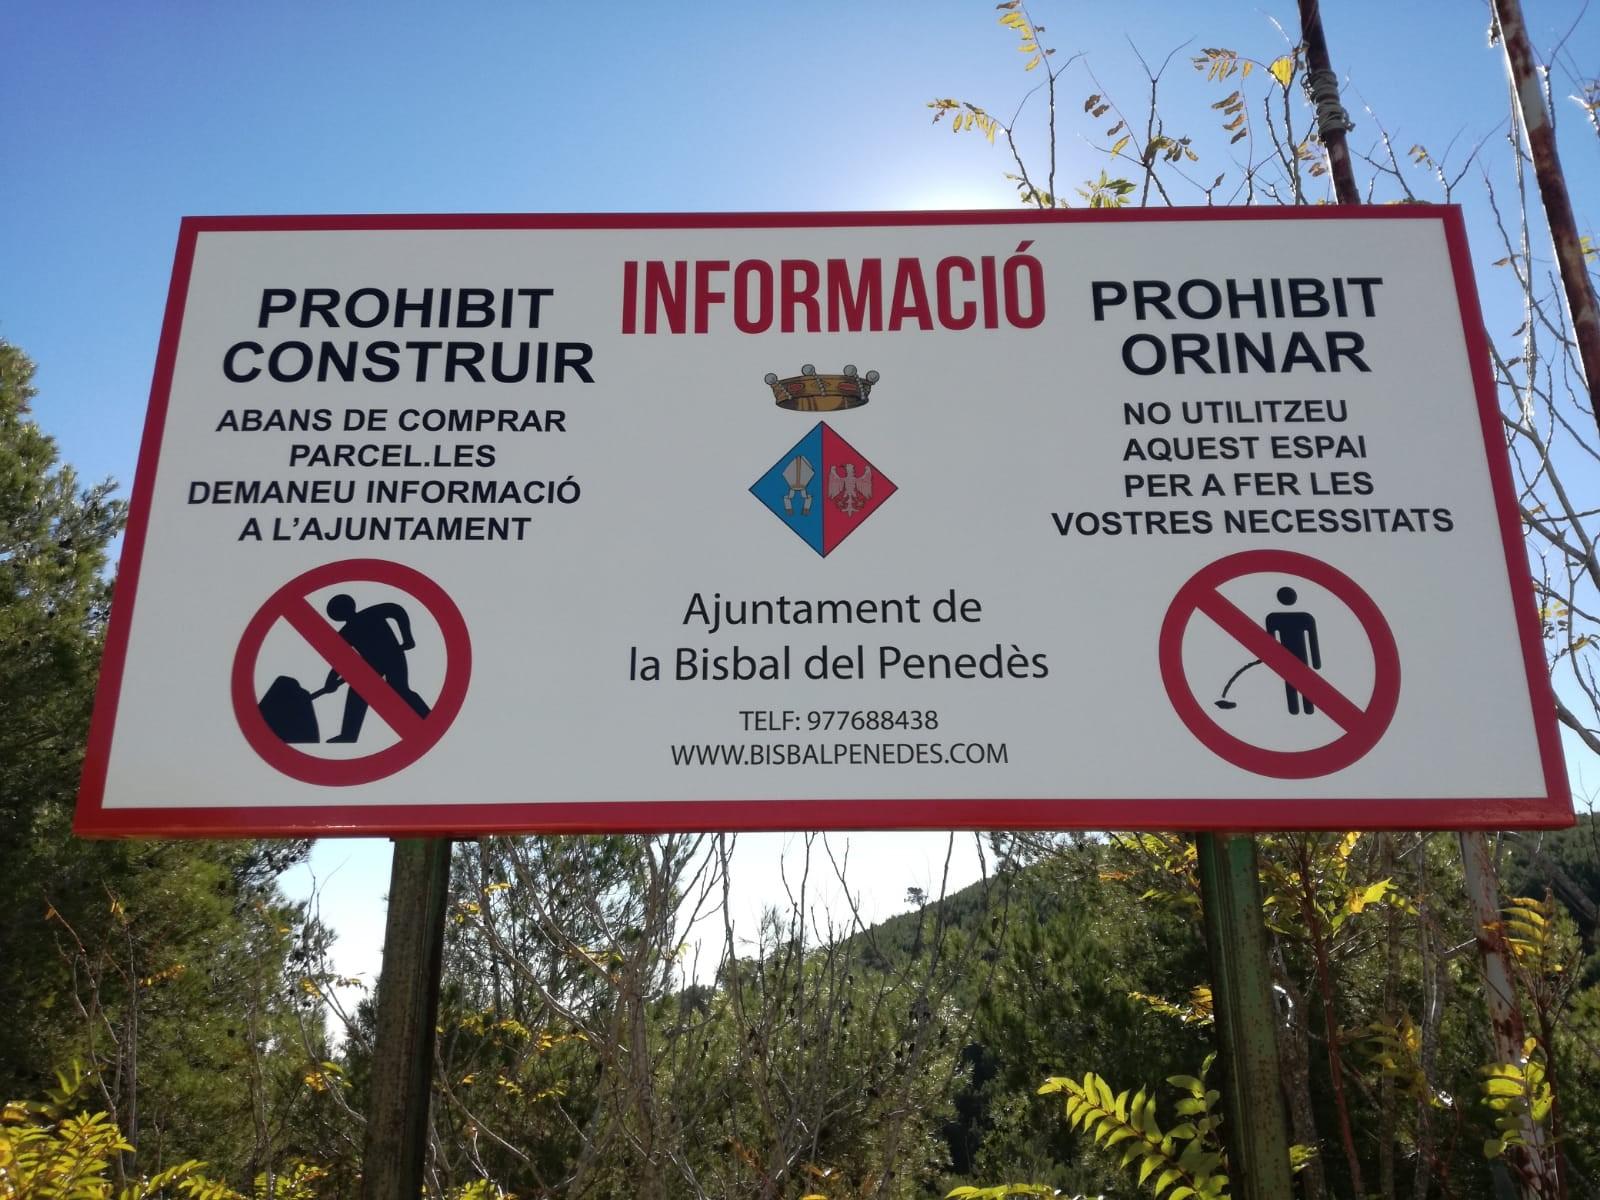 Les propostes dels Pressupostos Participatius comencen a fer-se realitat a la Pineda de Santa Cristina